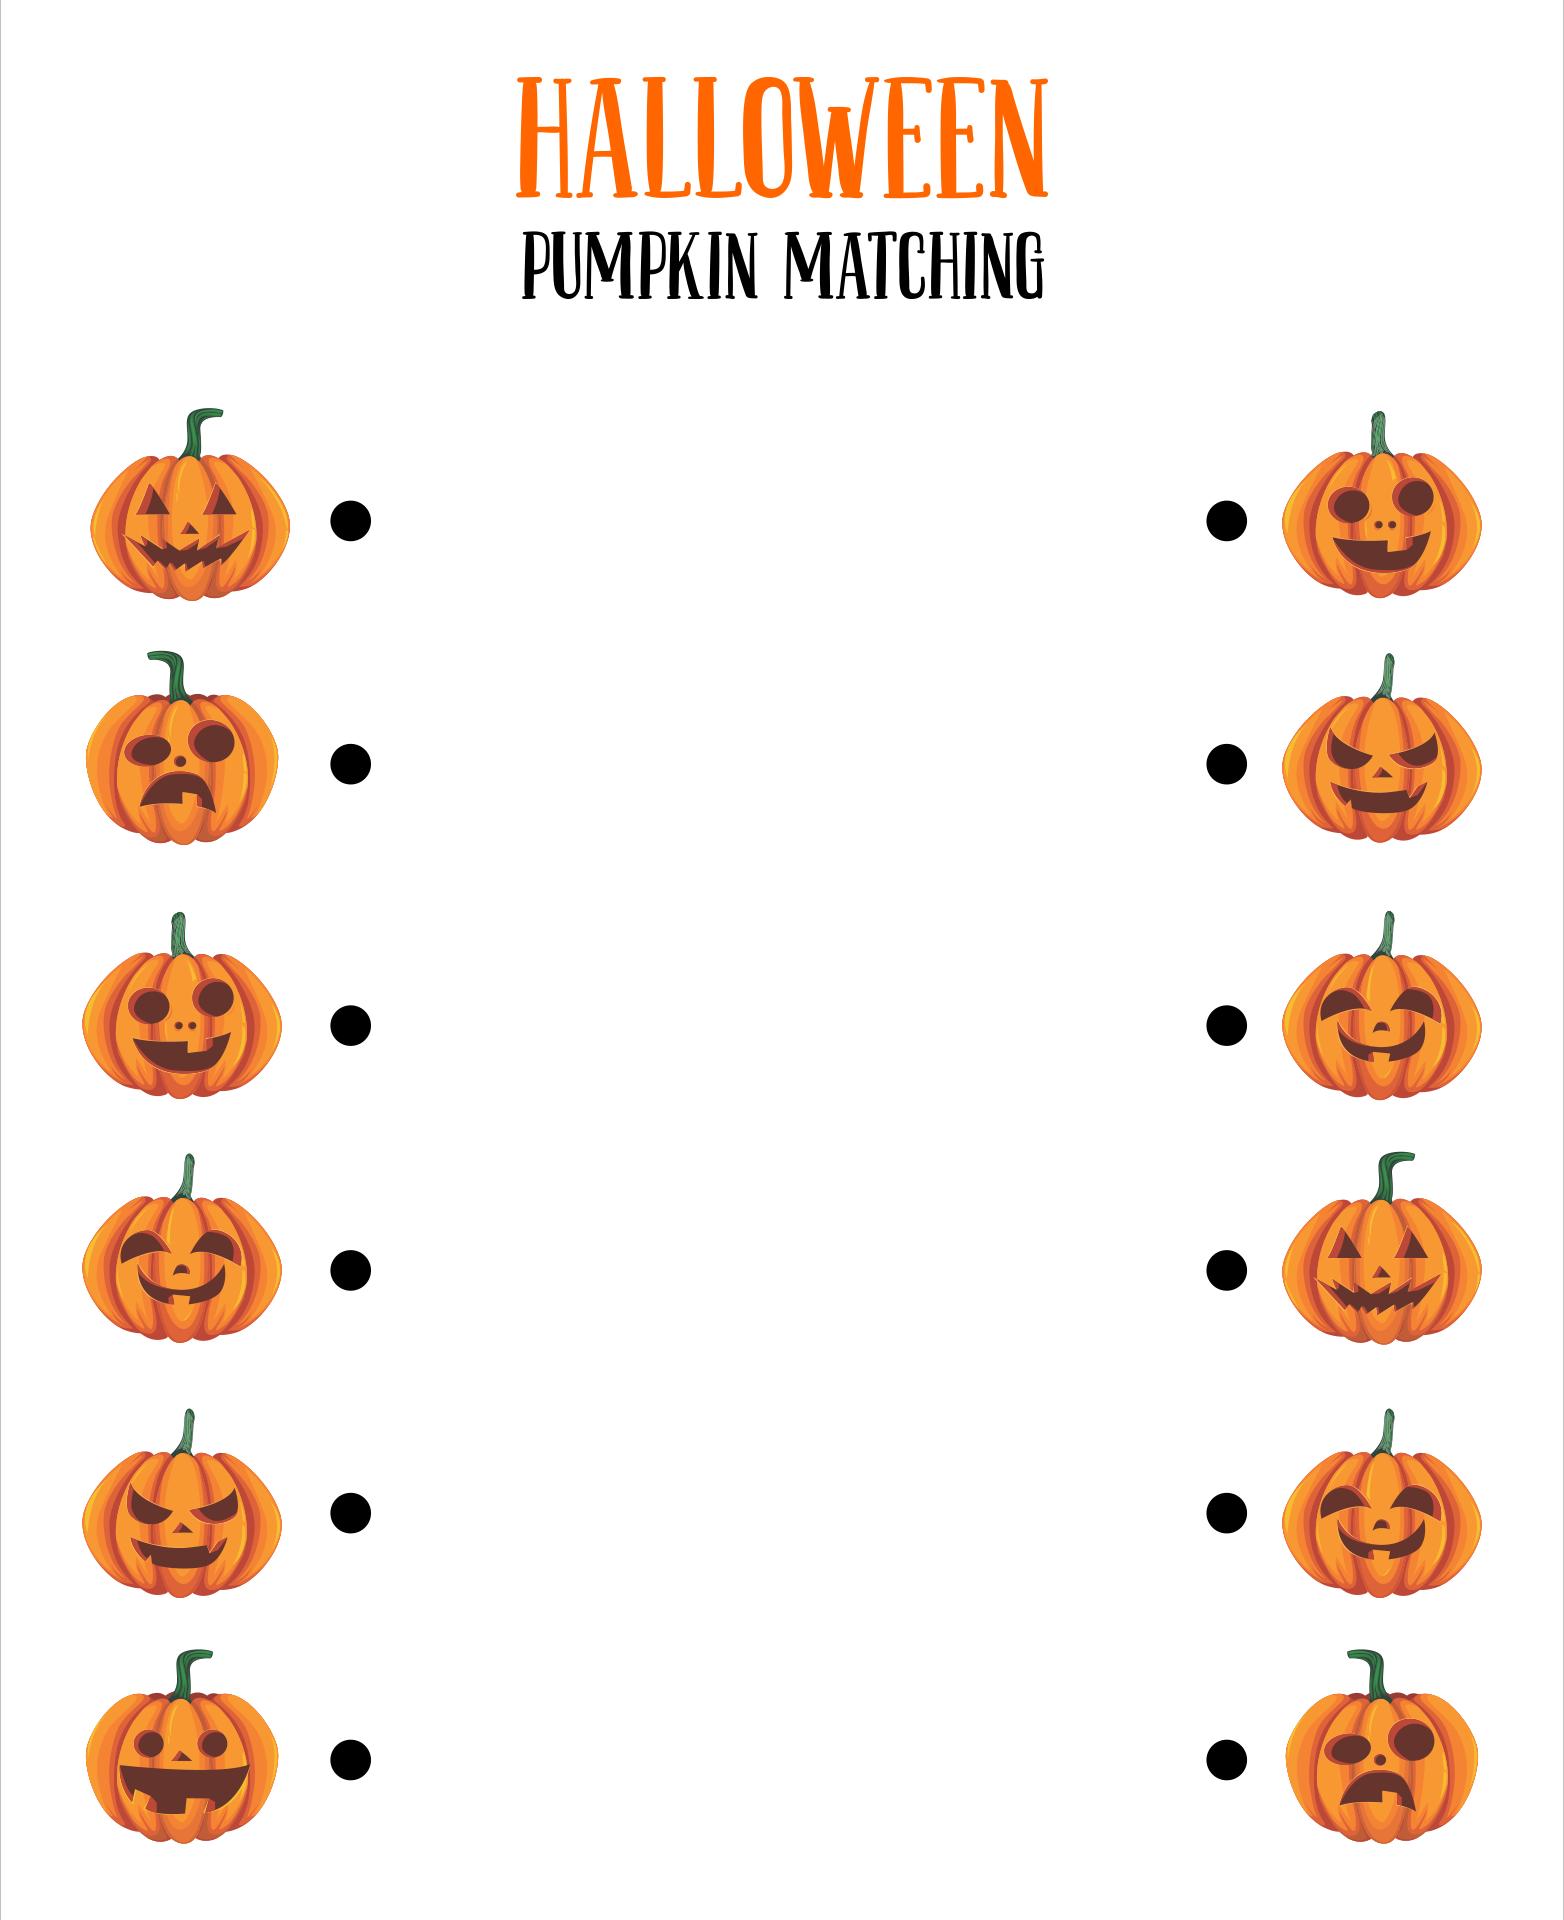 Pumpkin Matching Game Printable